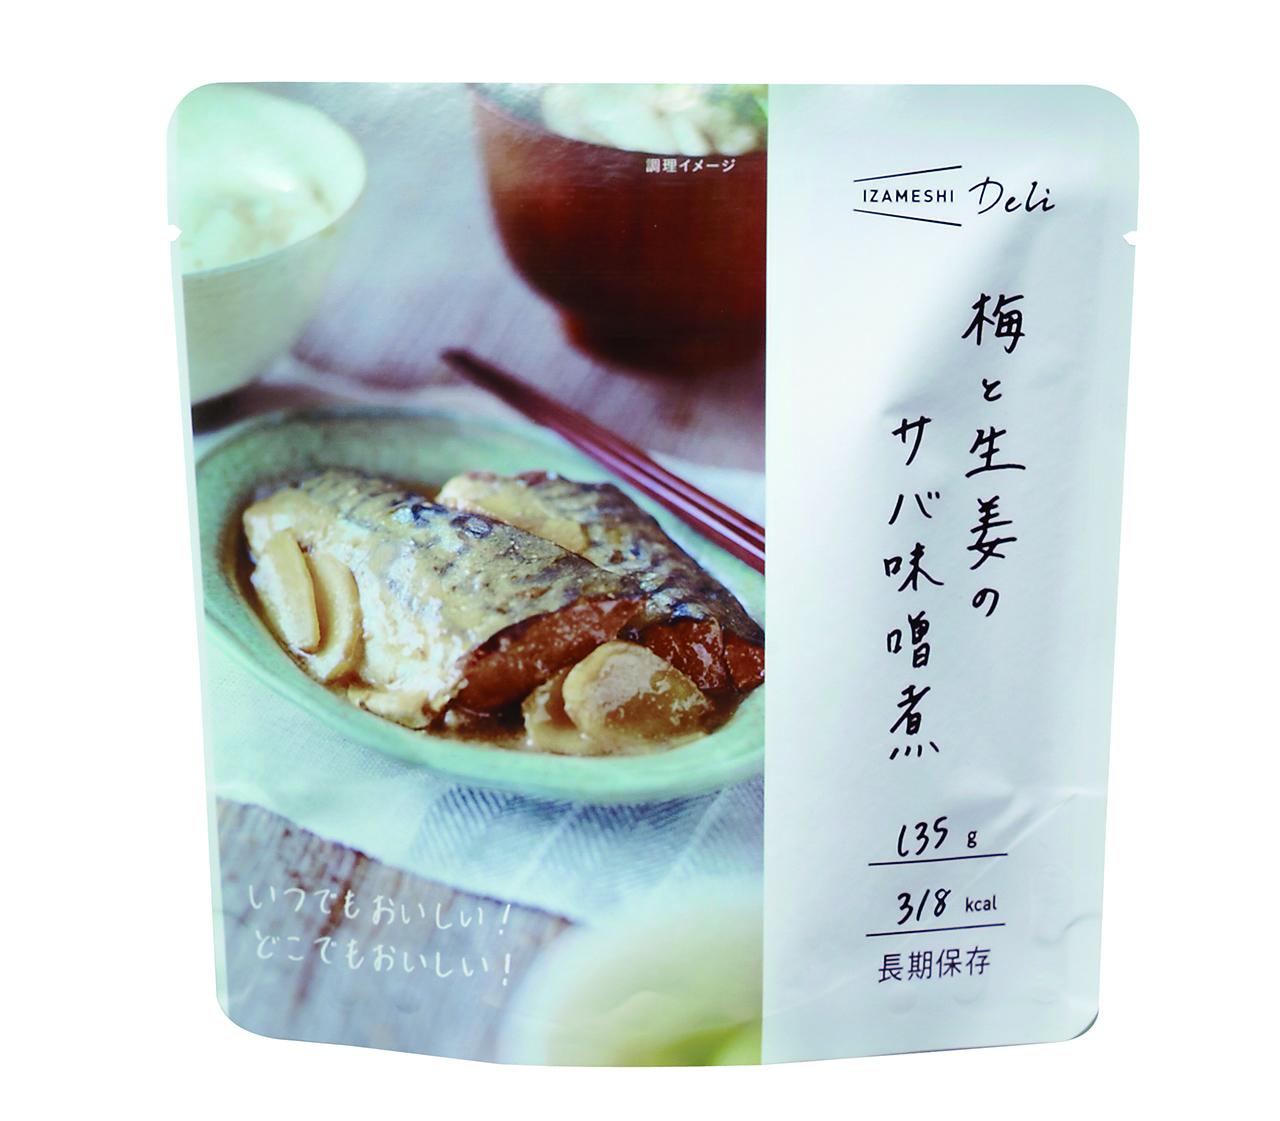 IZAMESHI Deli 梅と生姜のサバ味噌煮